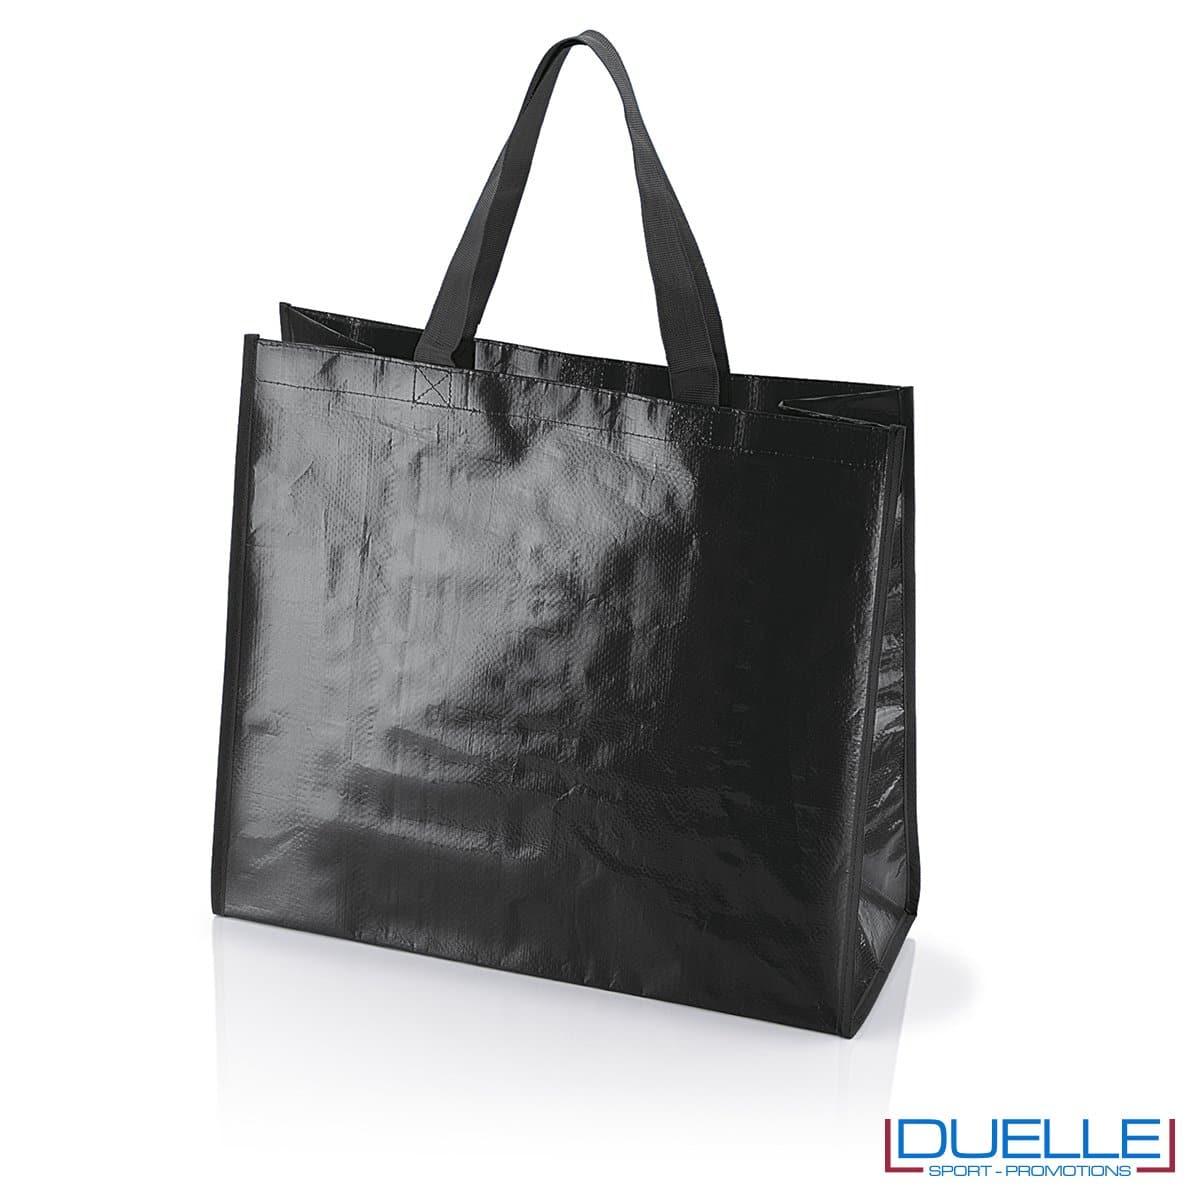 Shopper personalizzata il polipropilene nera